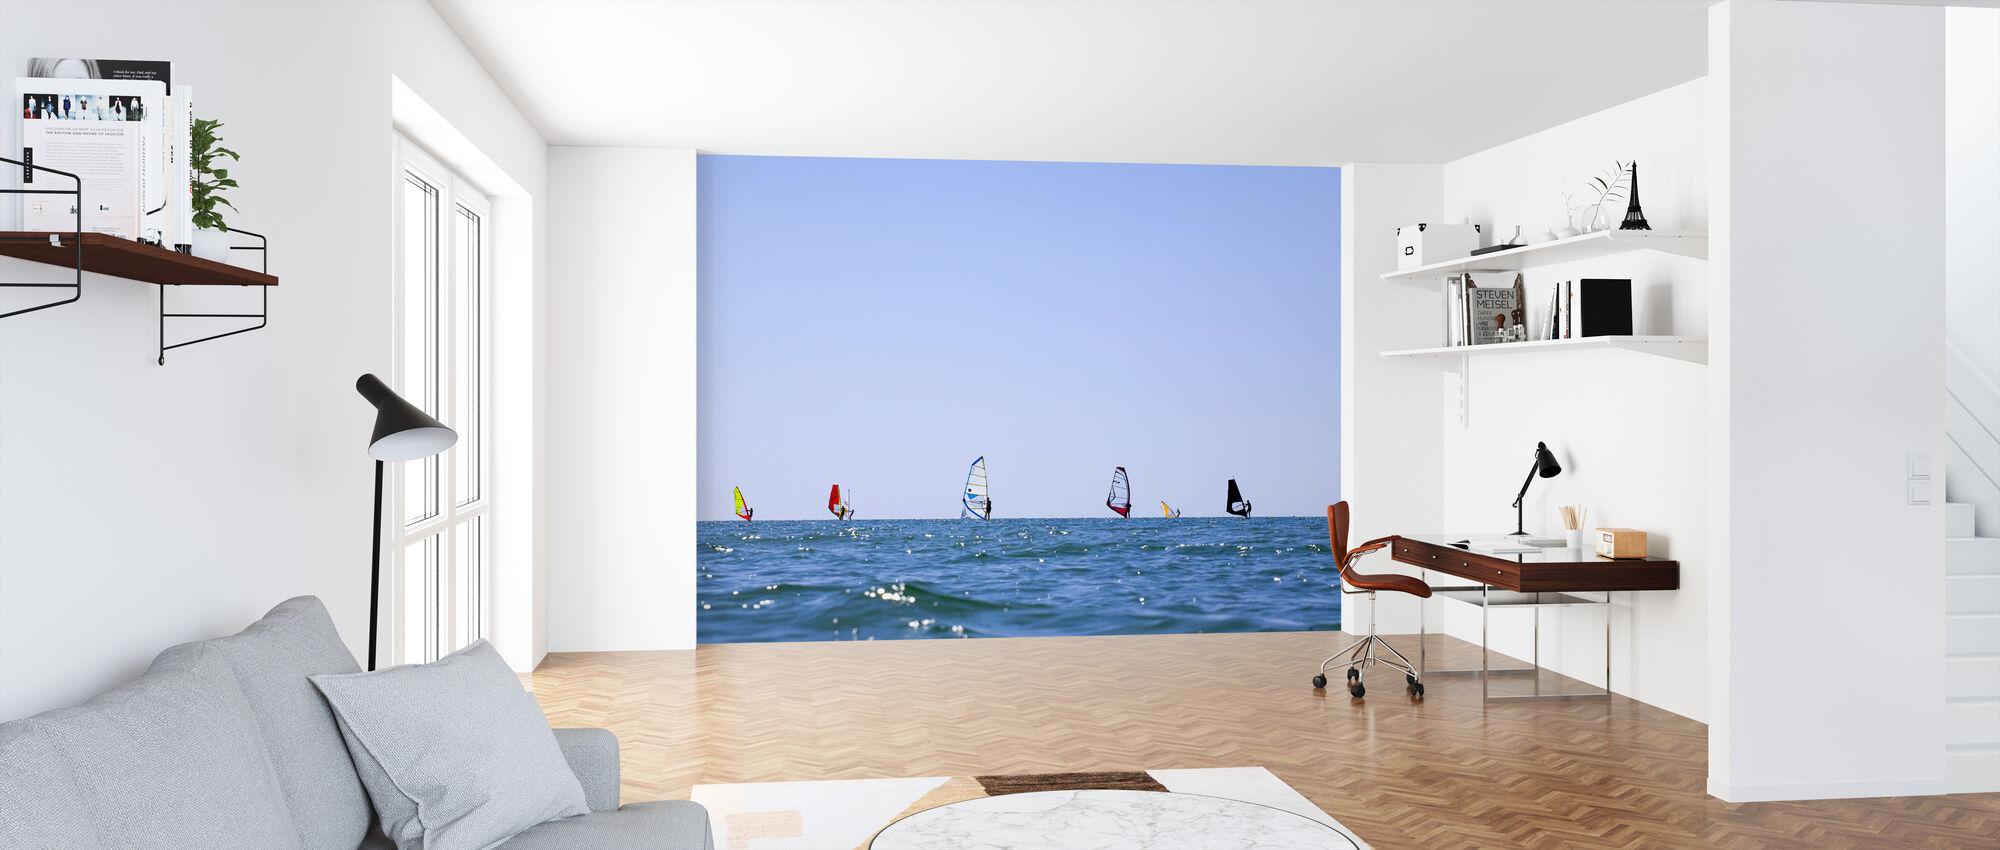 Windsurfen in Varberg, Schweden - Tapete - Büro